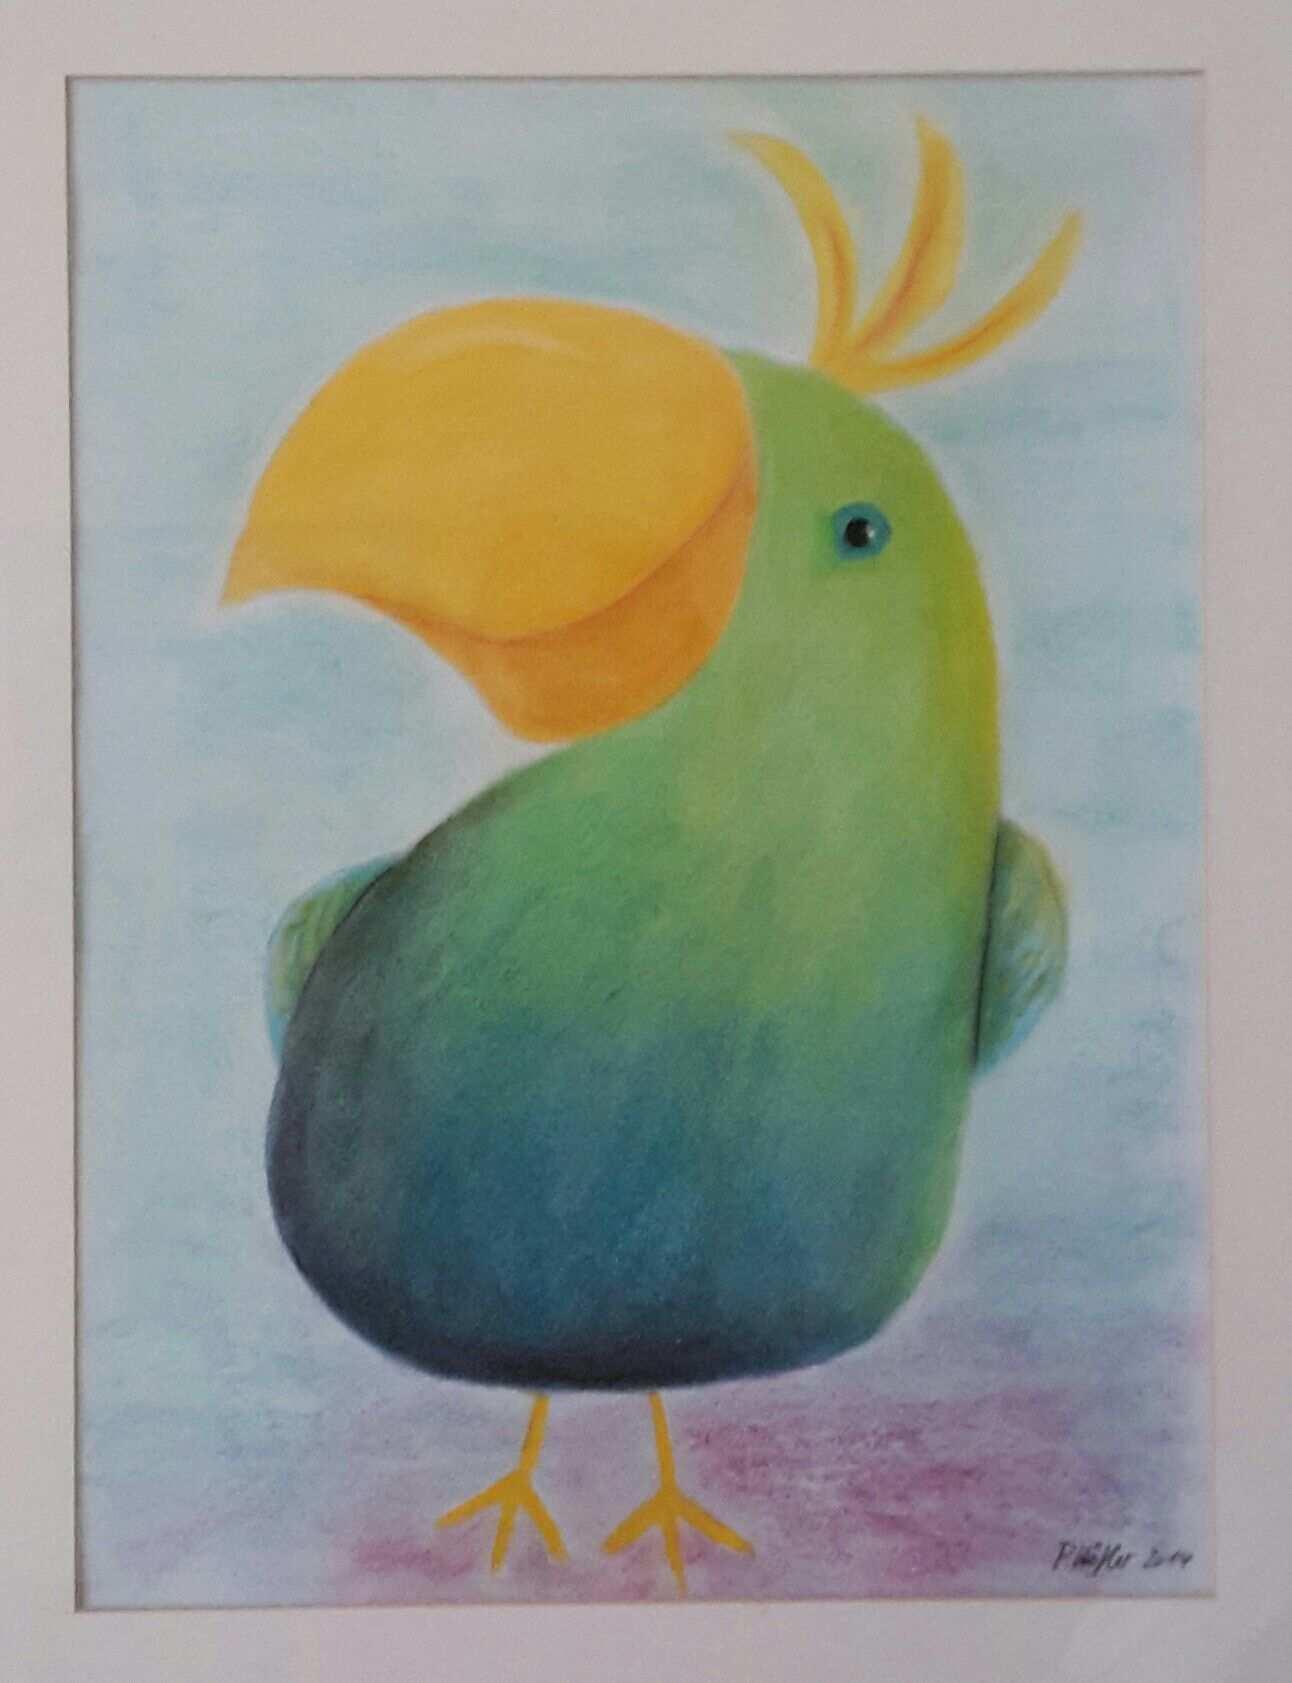 Lustiger Vogel Furs Kinderzimmer Technik Pastellkreide Pastell Kreide Kreidemalerei Pastellkunst